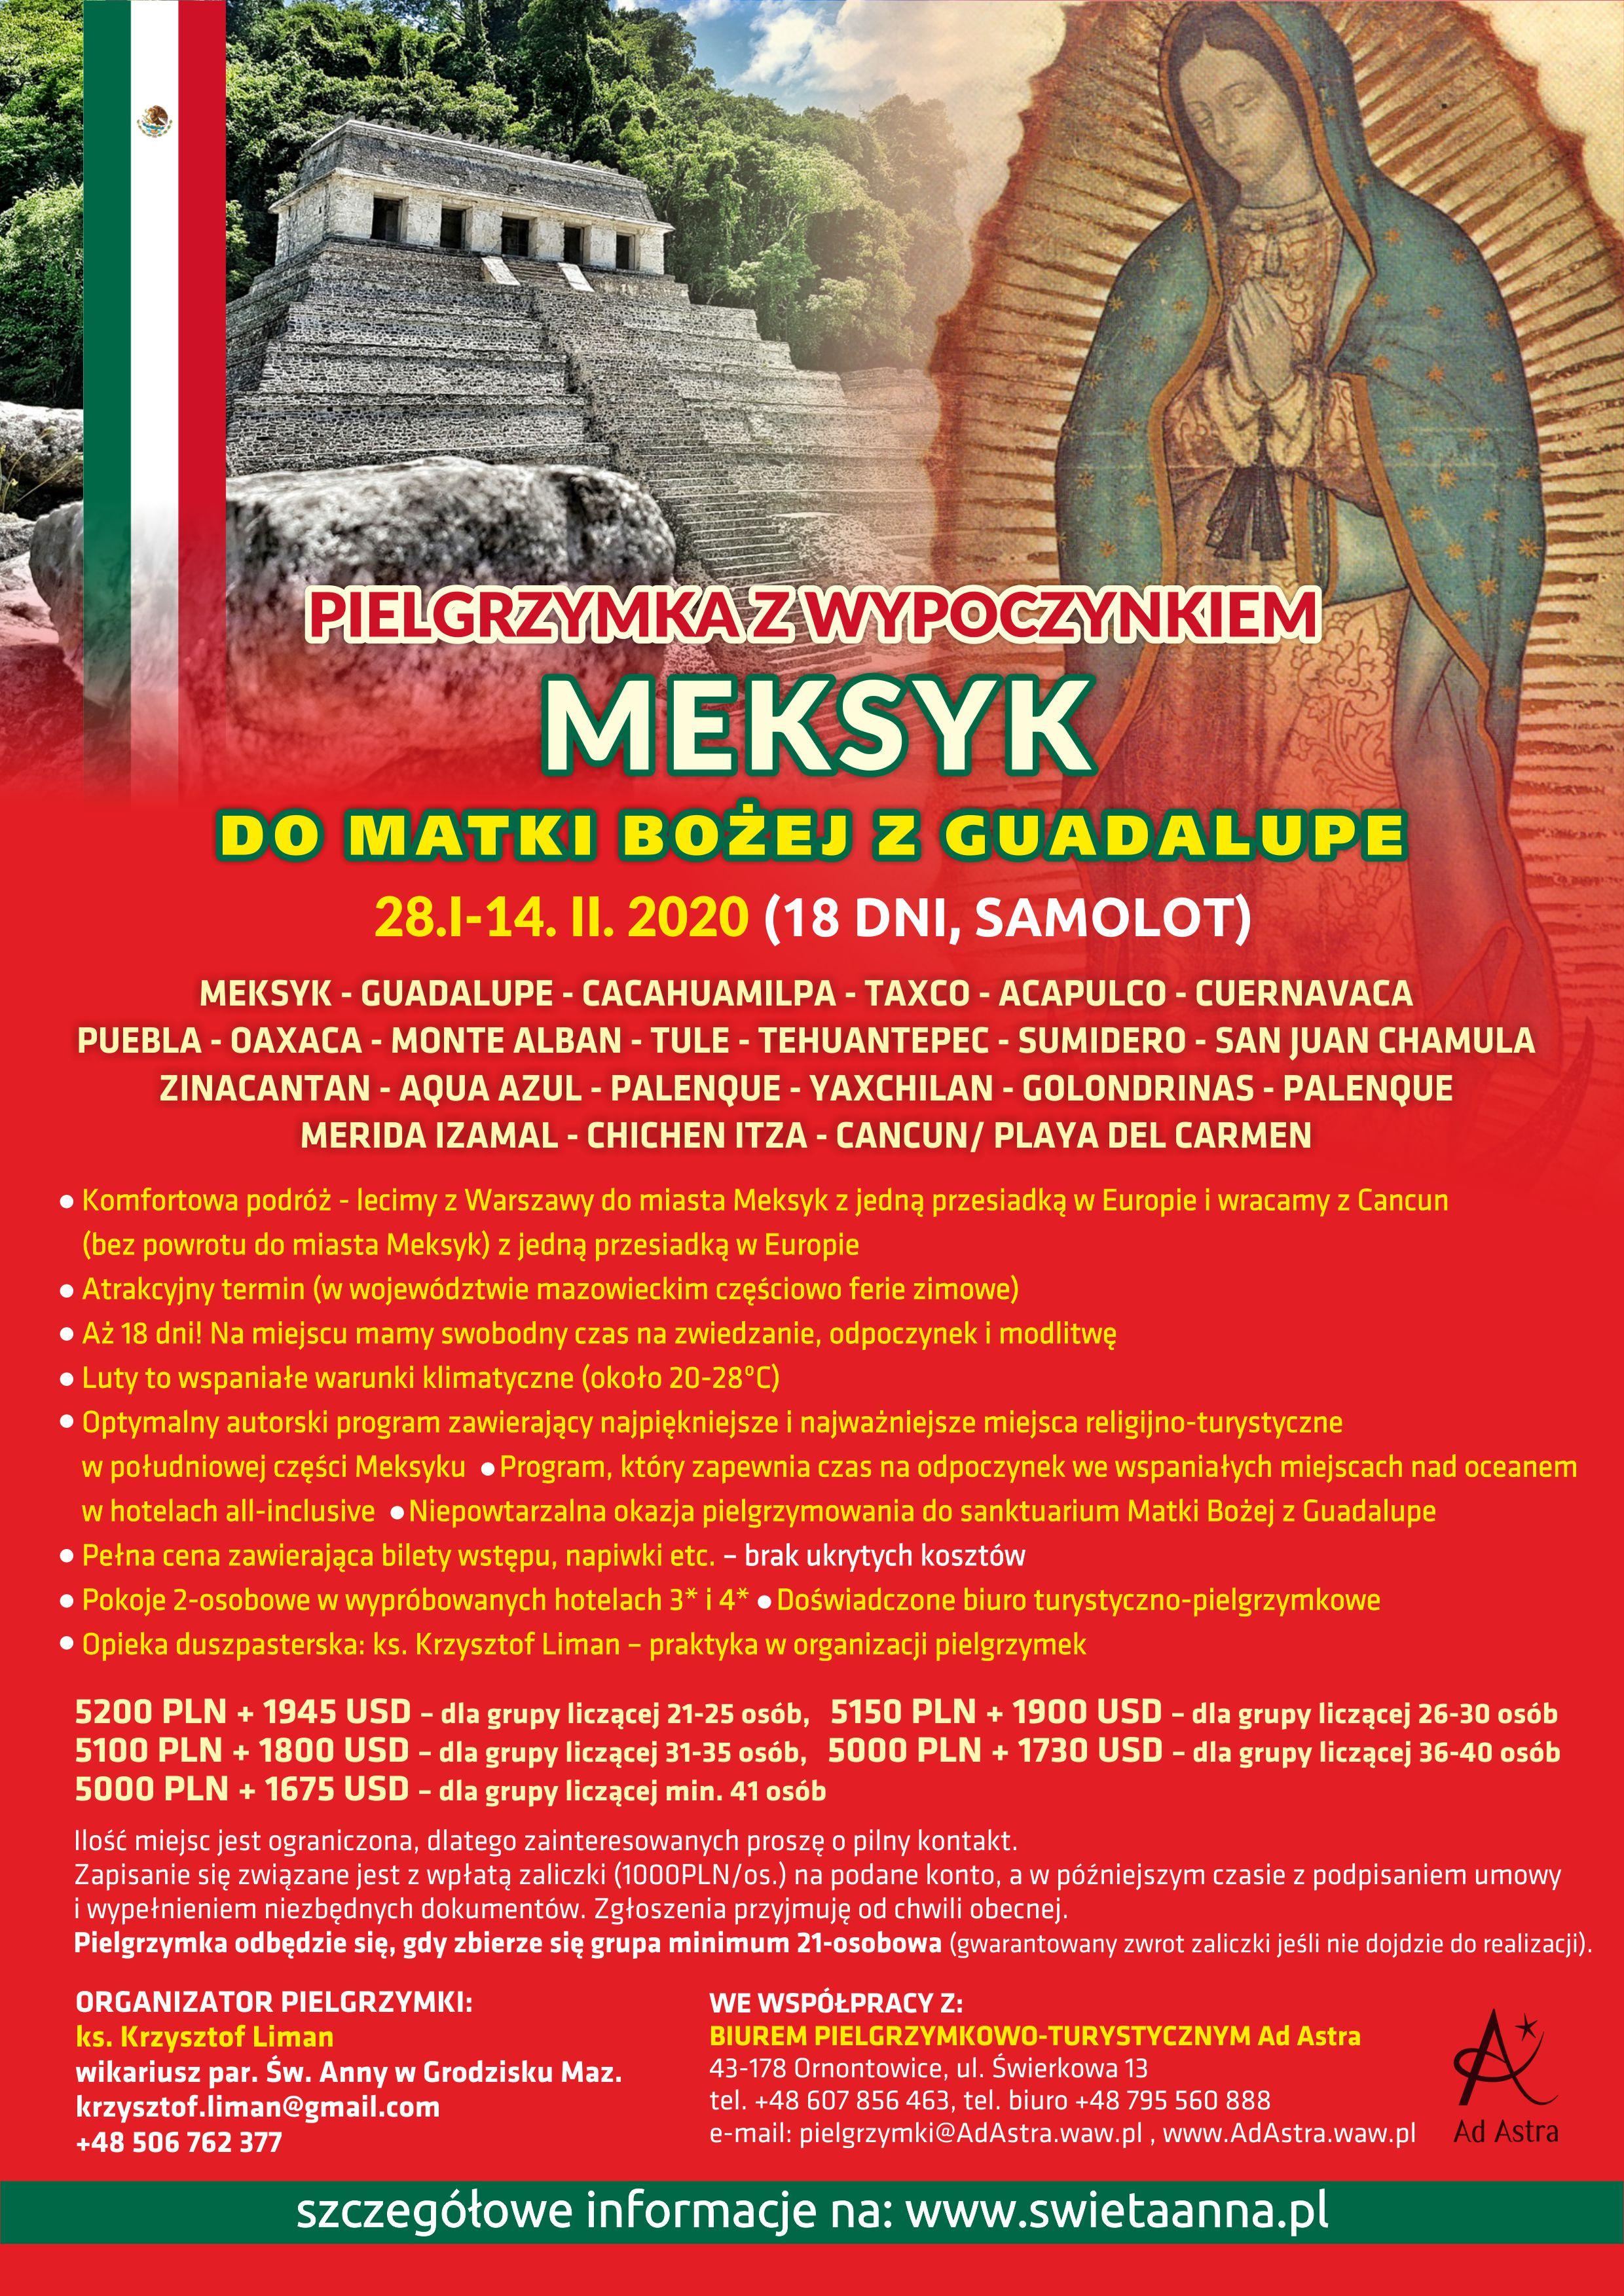 PIELGRZYMKA_MEKSYK